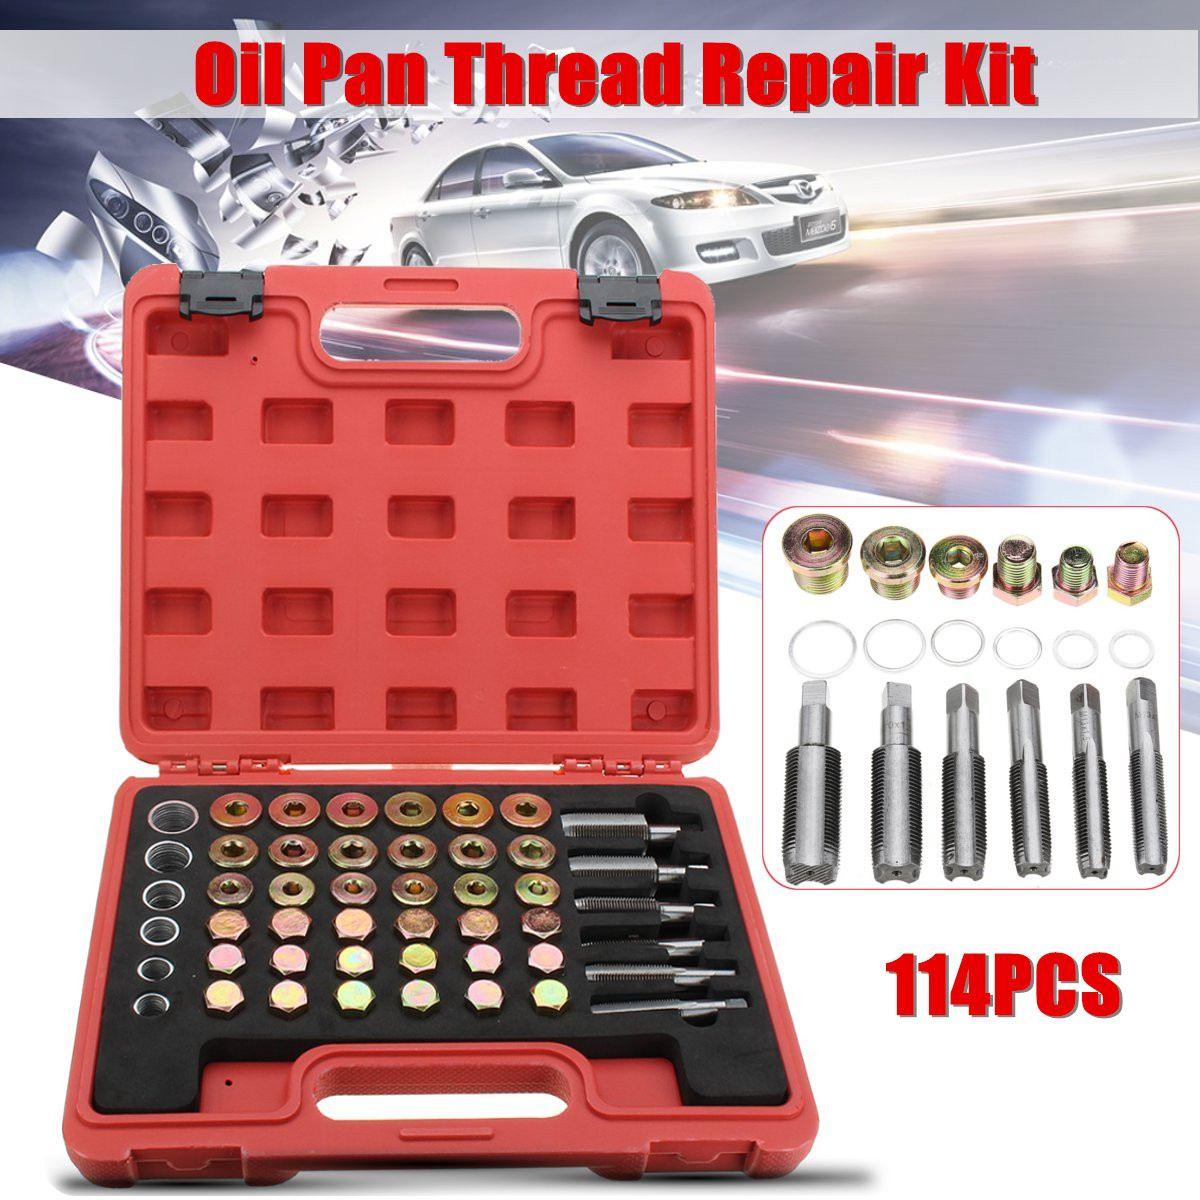 114PCS Car Oil Pan Thread Repair Kit Gearbox Drain Plug Washer Seal Tool Set